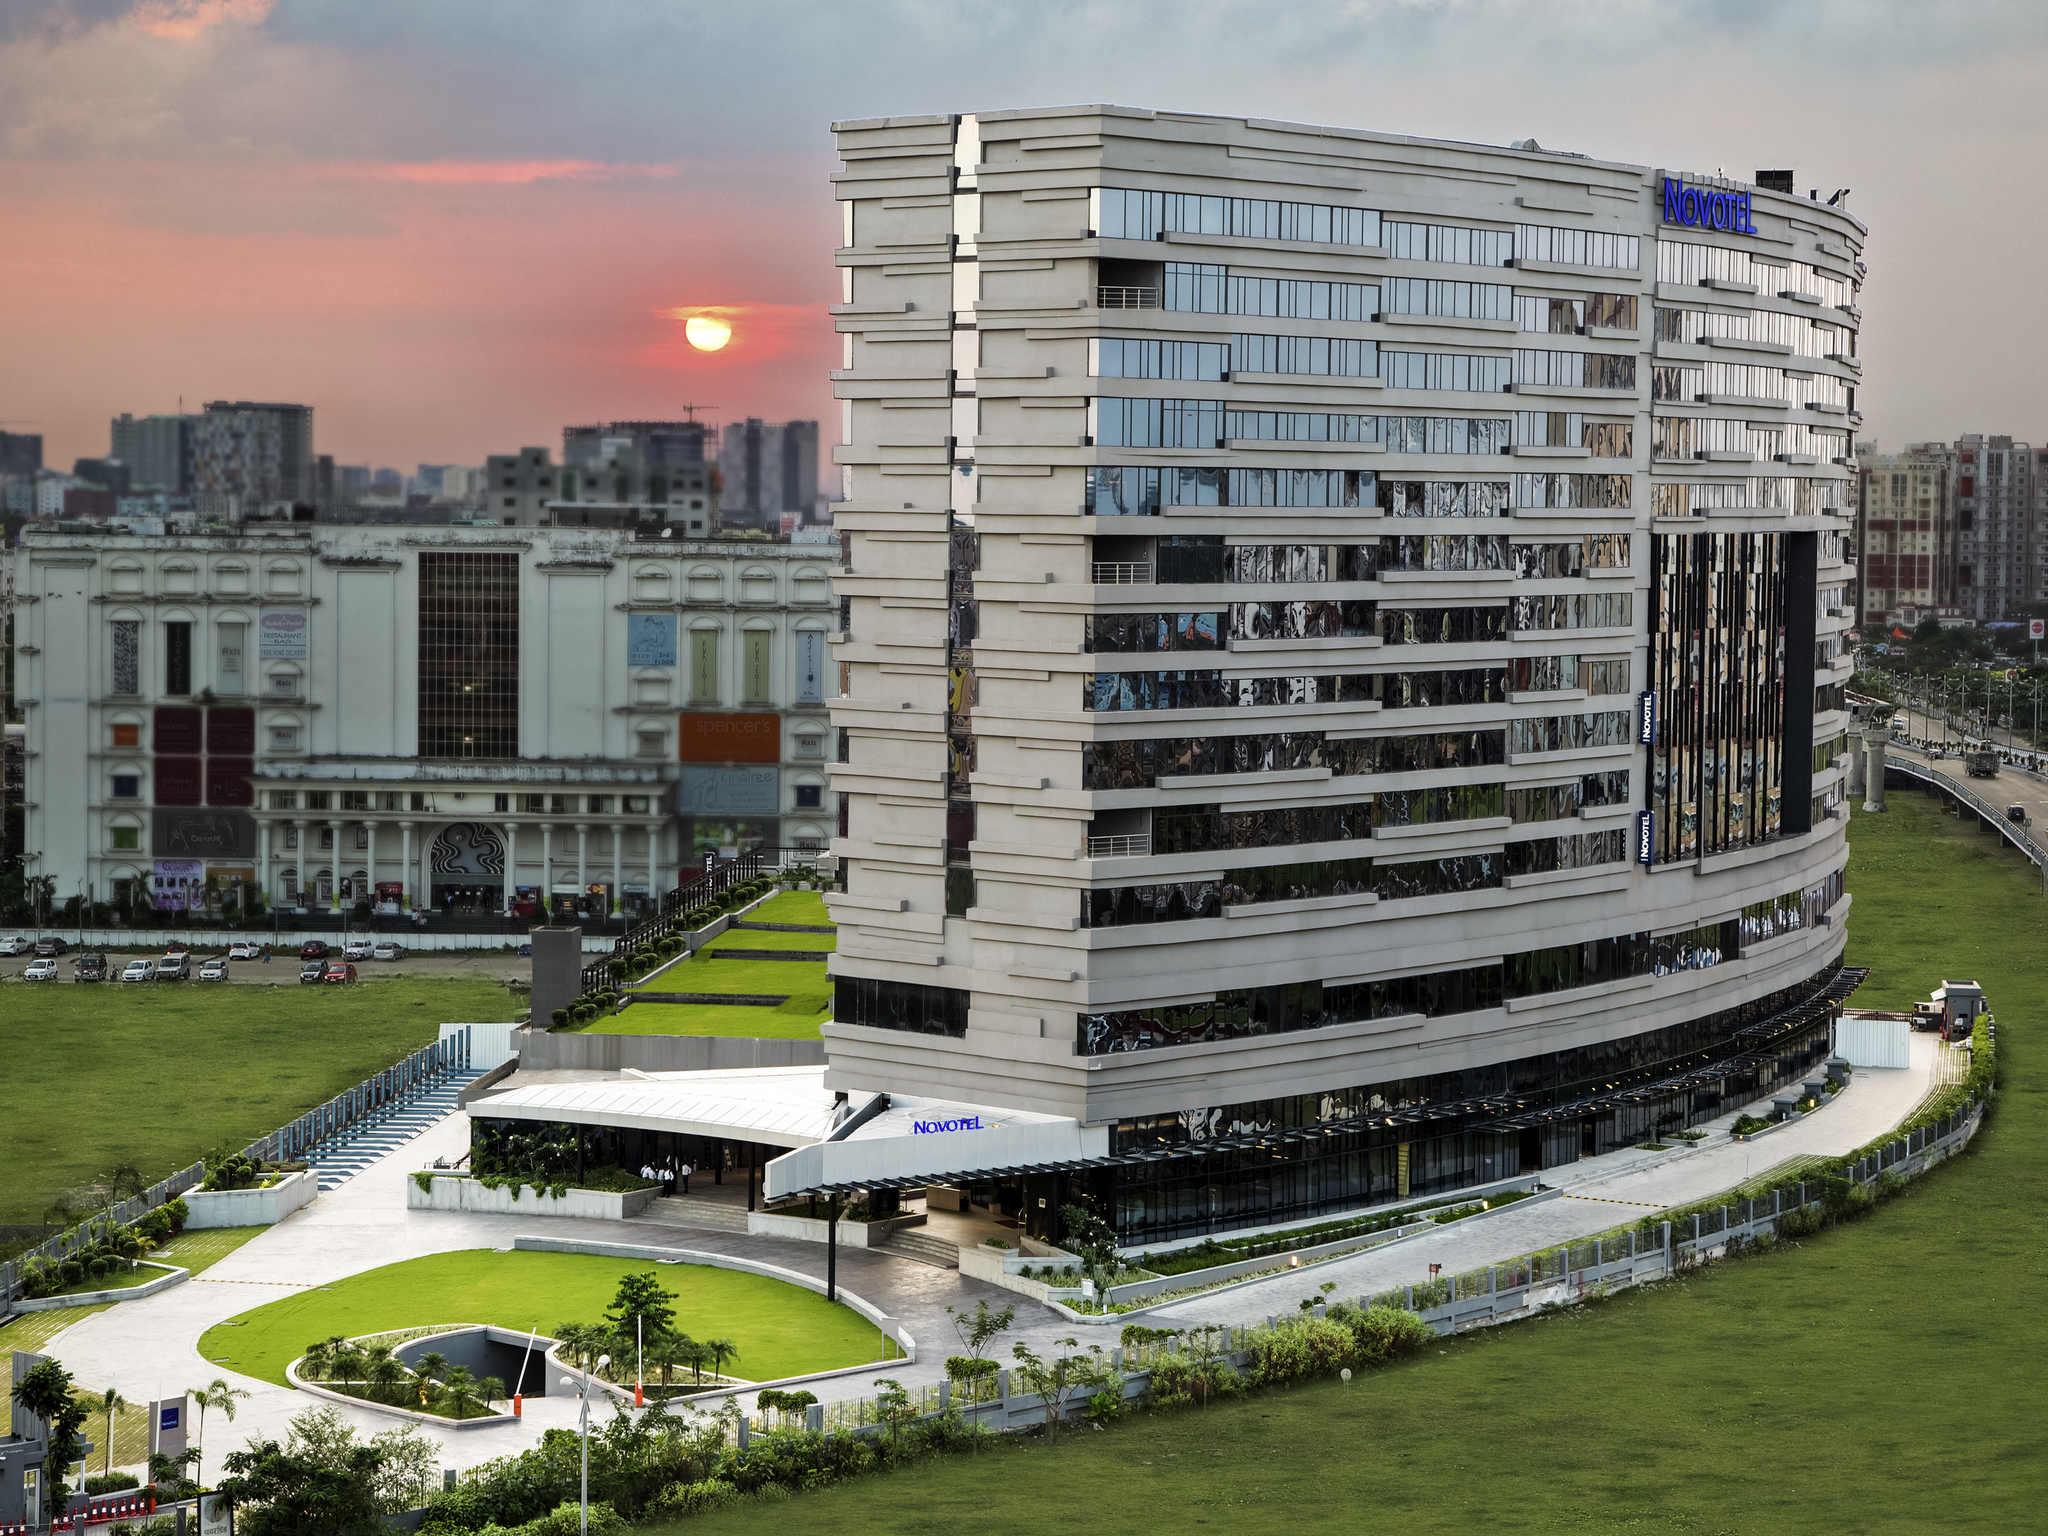 Hotel - Novotel Kolkata - Hotel & Residences